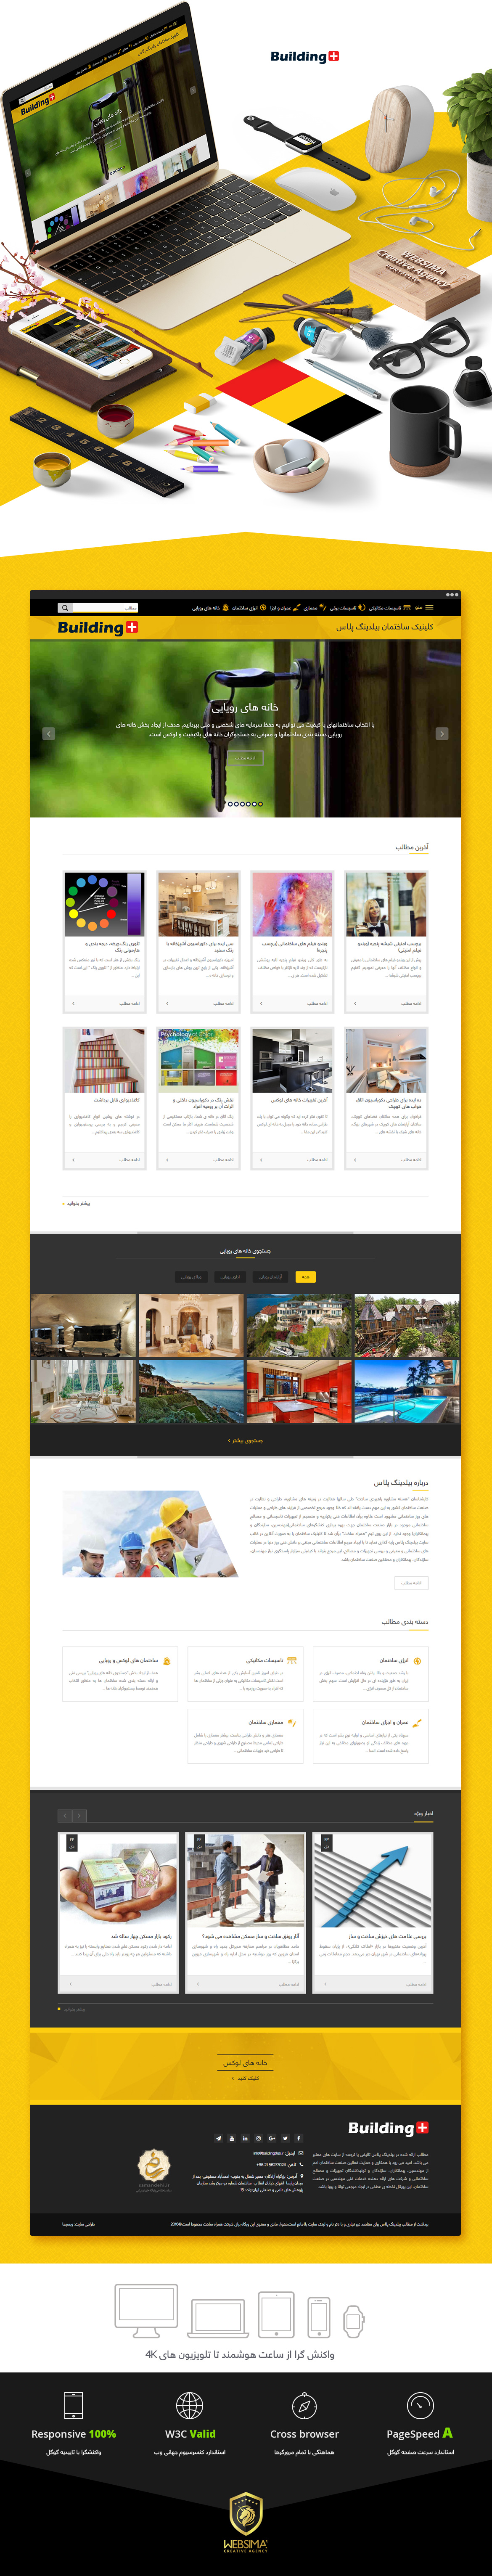 طراحی سایت شرکتی کلینیک ساختمان بیلدینگ پلاس